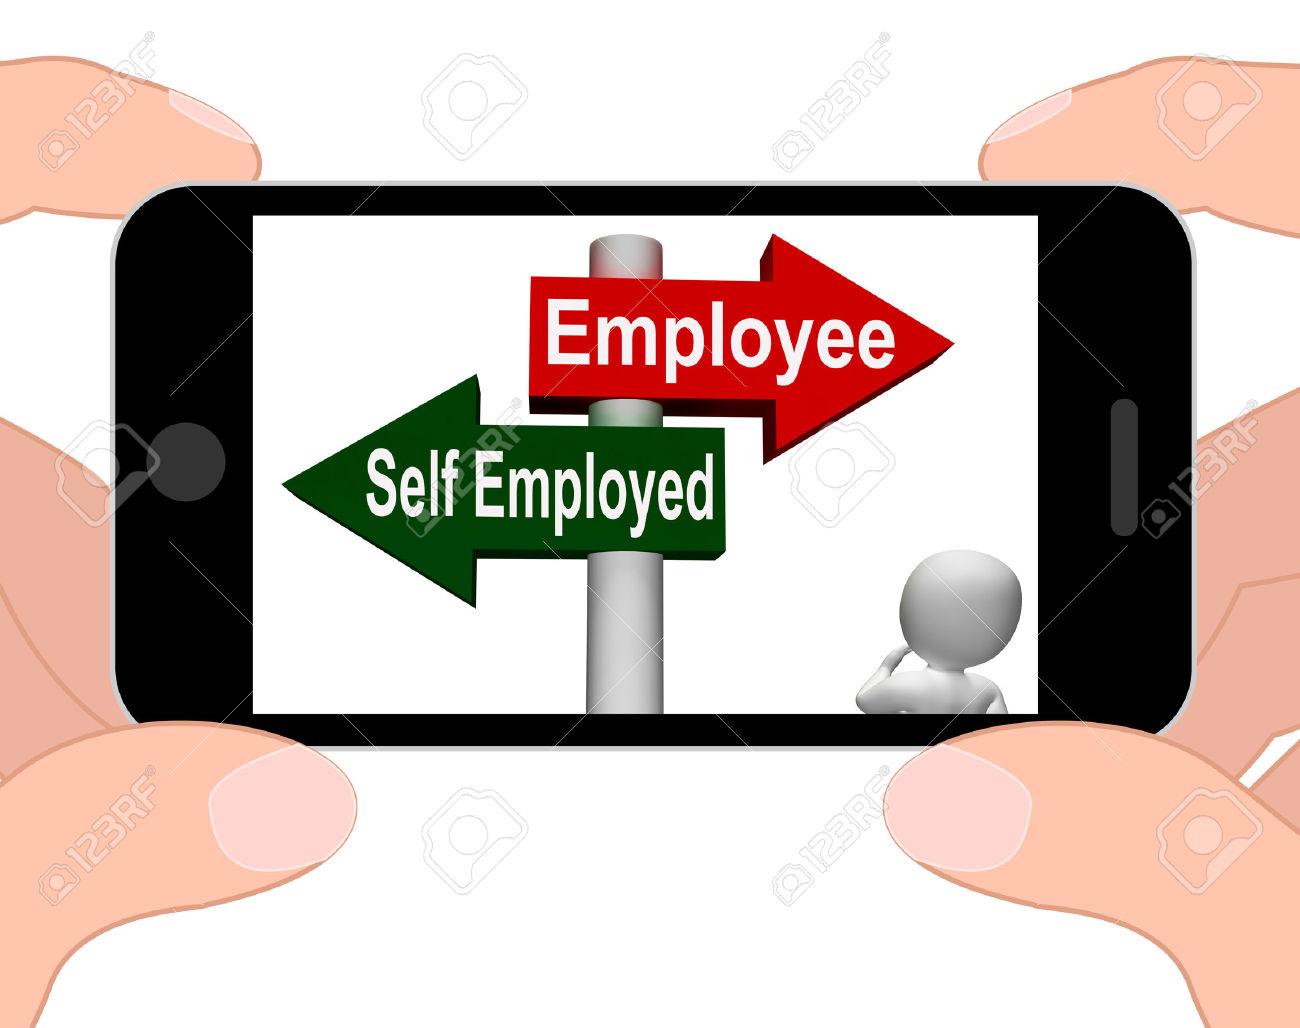 Employee Self Employed Signpost Displaying Choose Career Job.